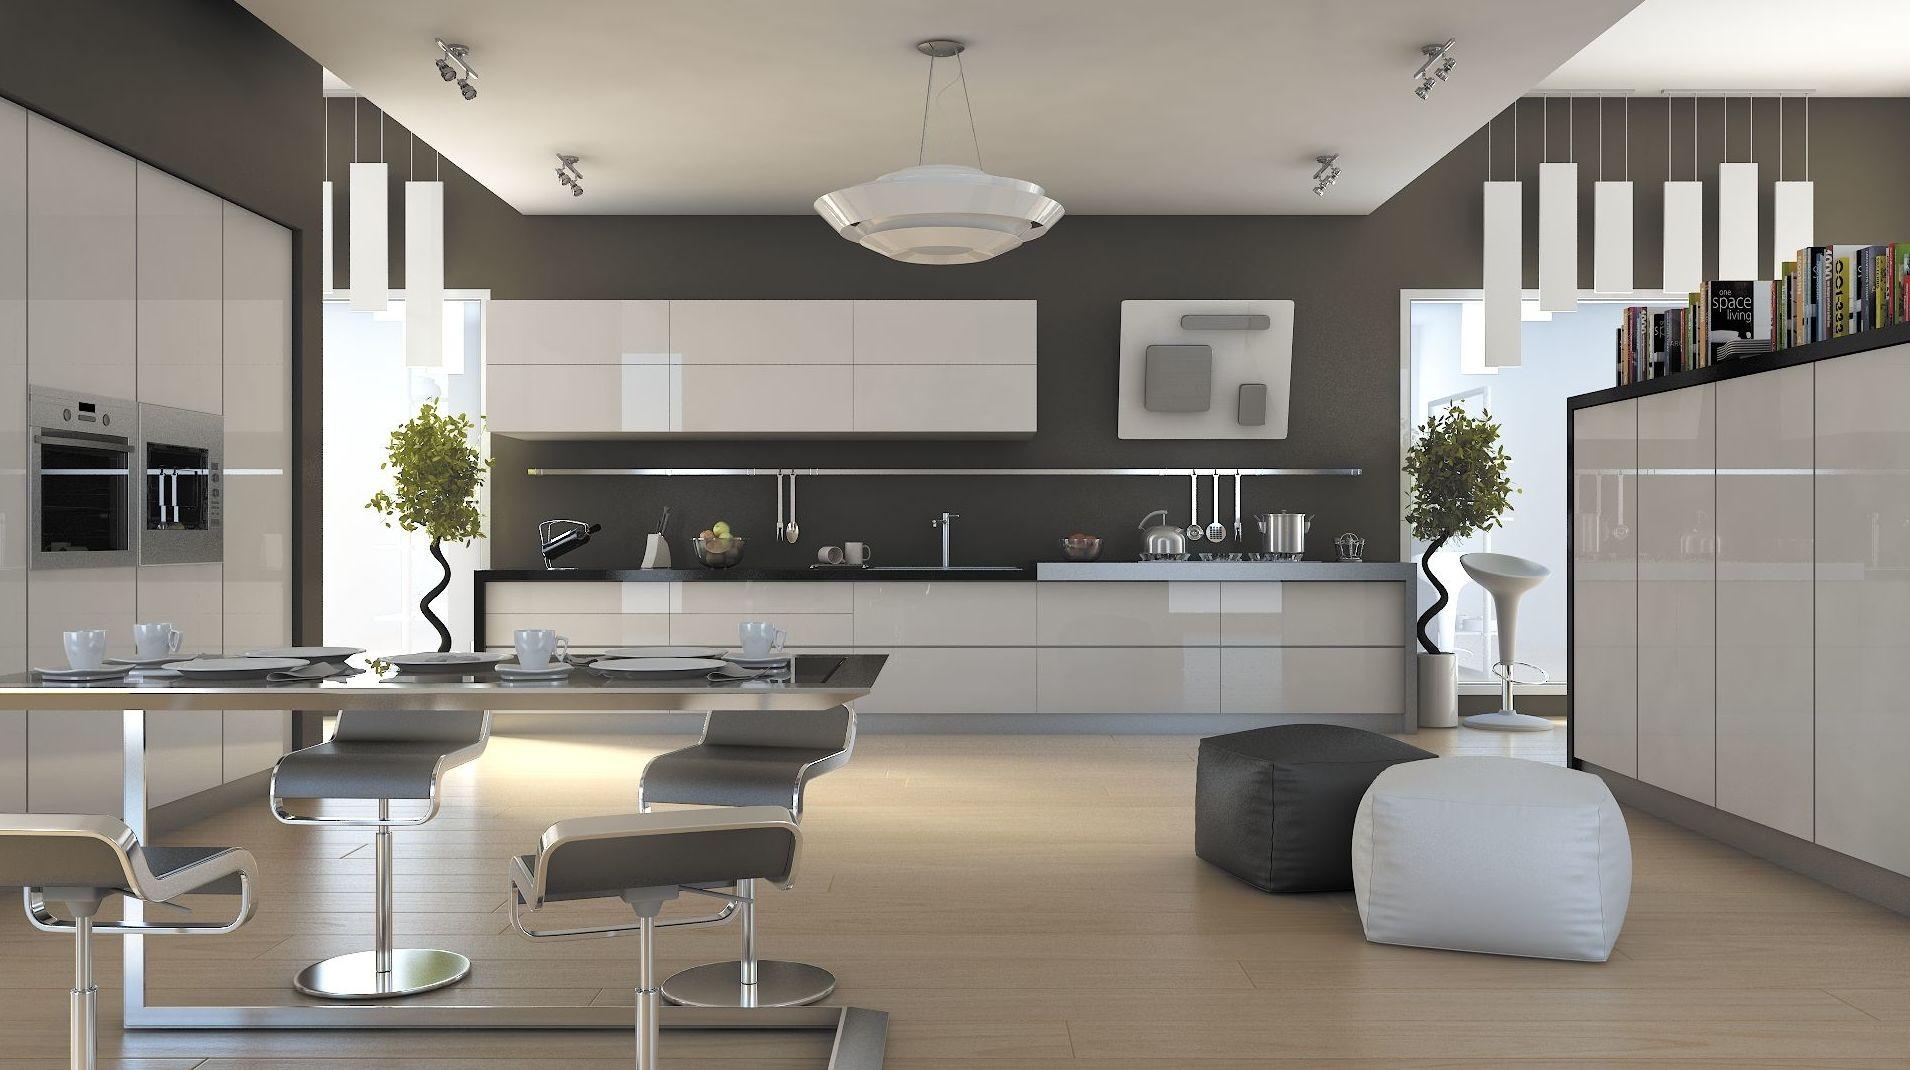 Foto 16 de muebles de cocina en madrid lessia decoraci n - Muebles decoracion madrid ...